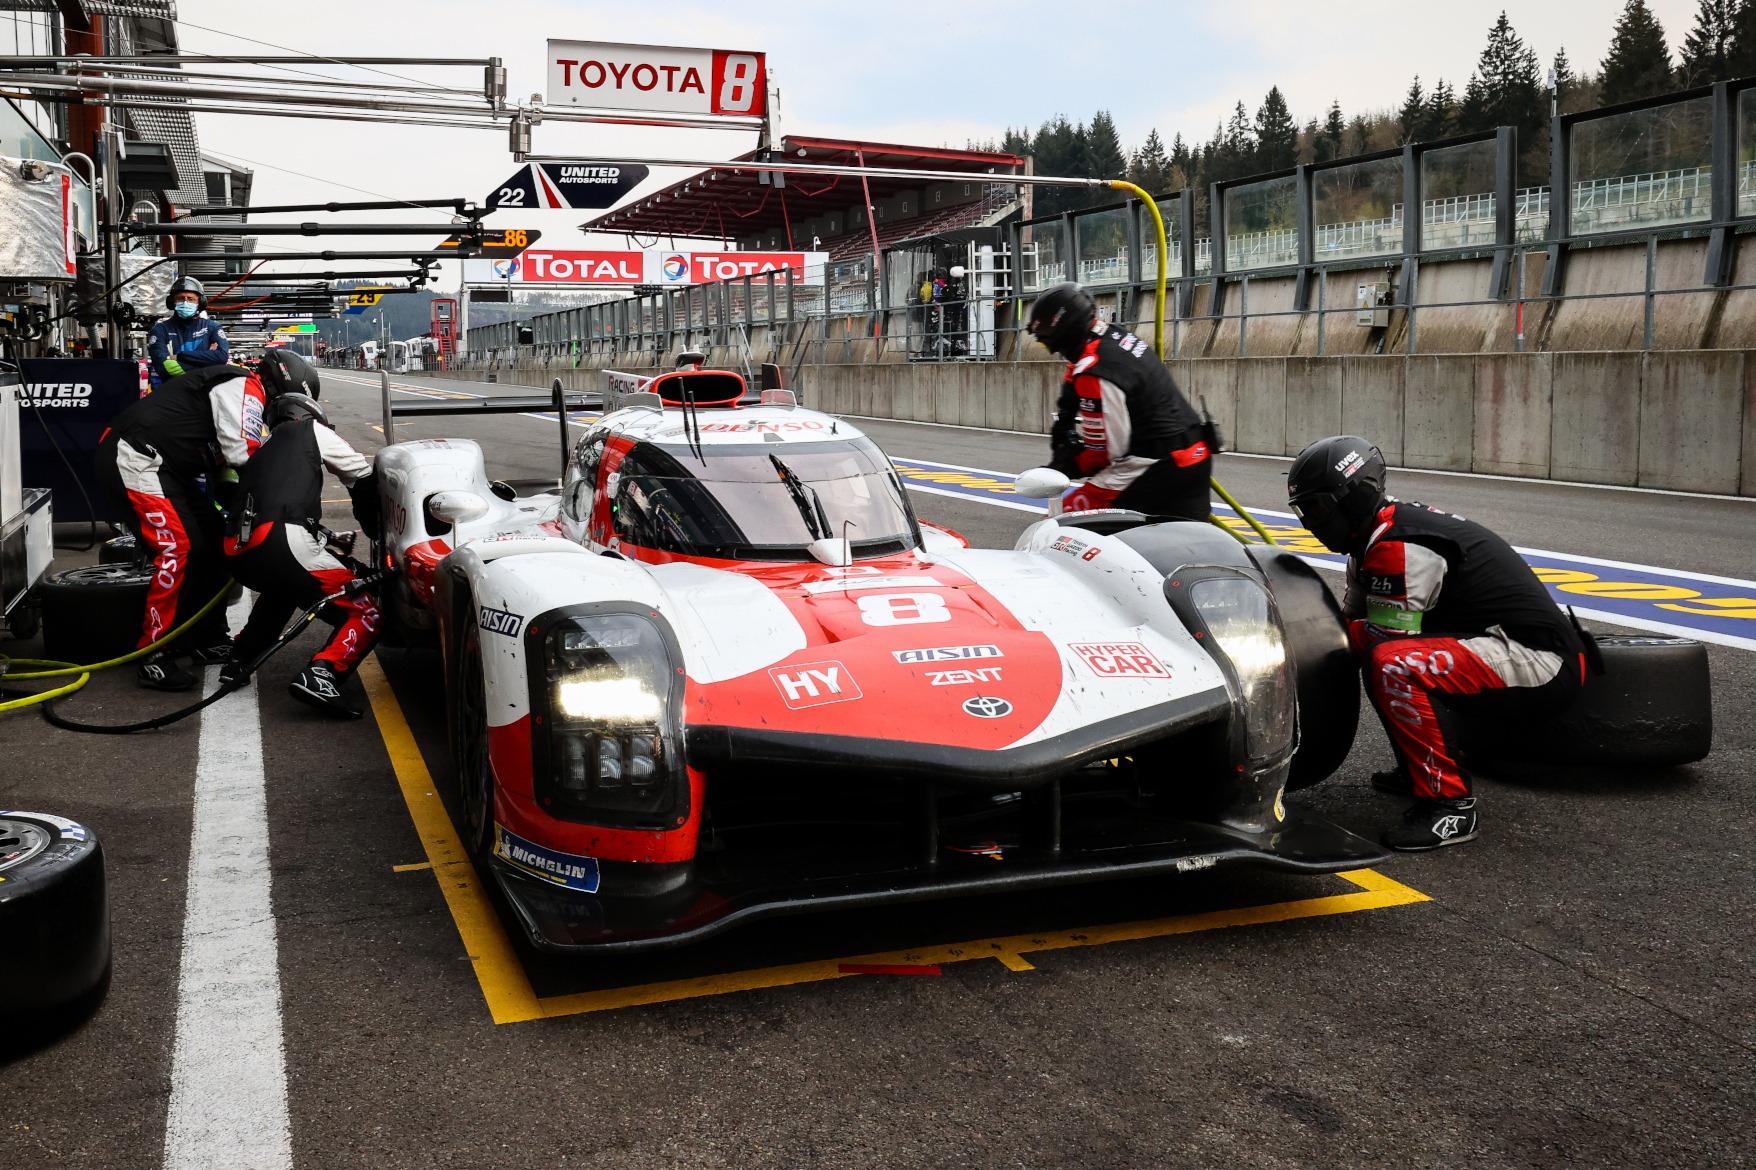 Toyota pitstop FIA WEC Spa 2021